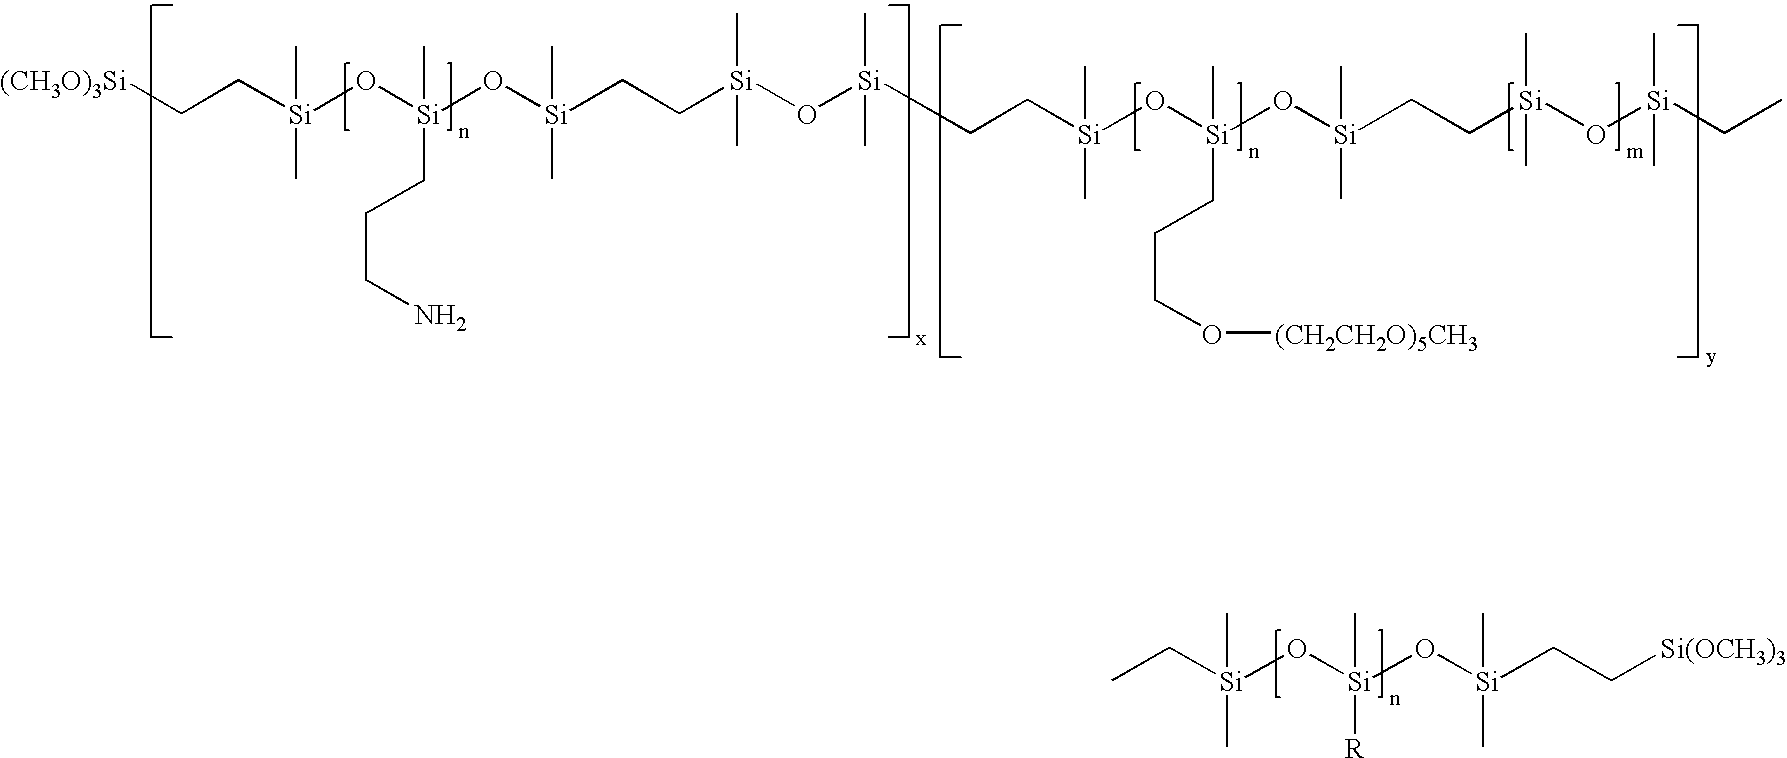 Figure US20020112293A1-20020822-C00008